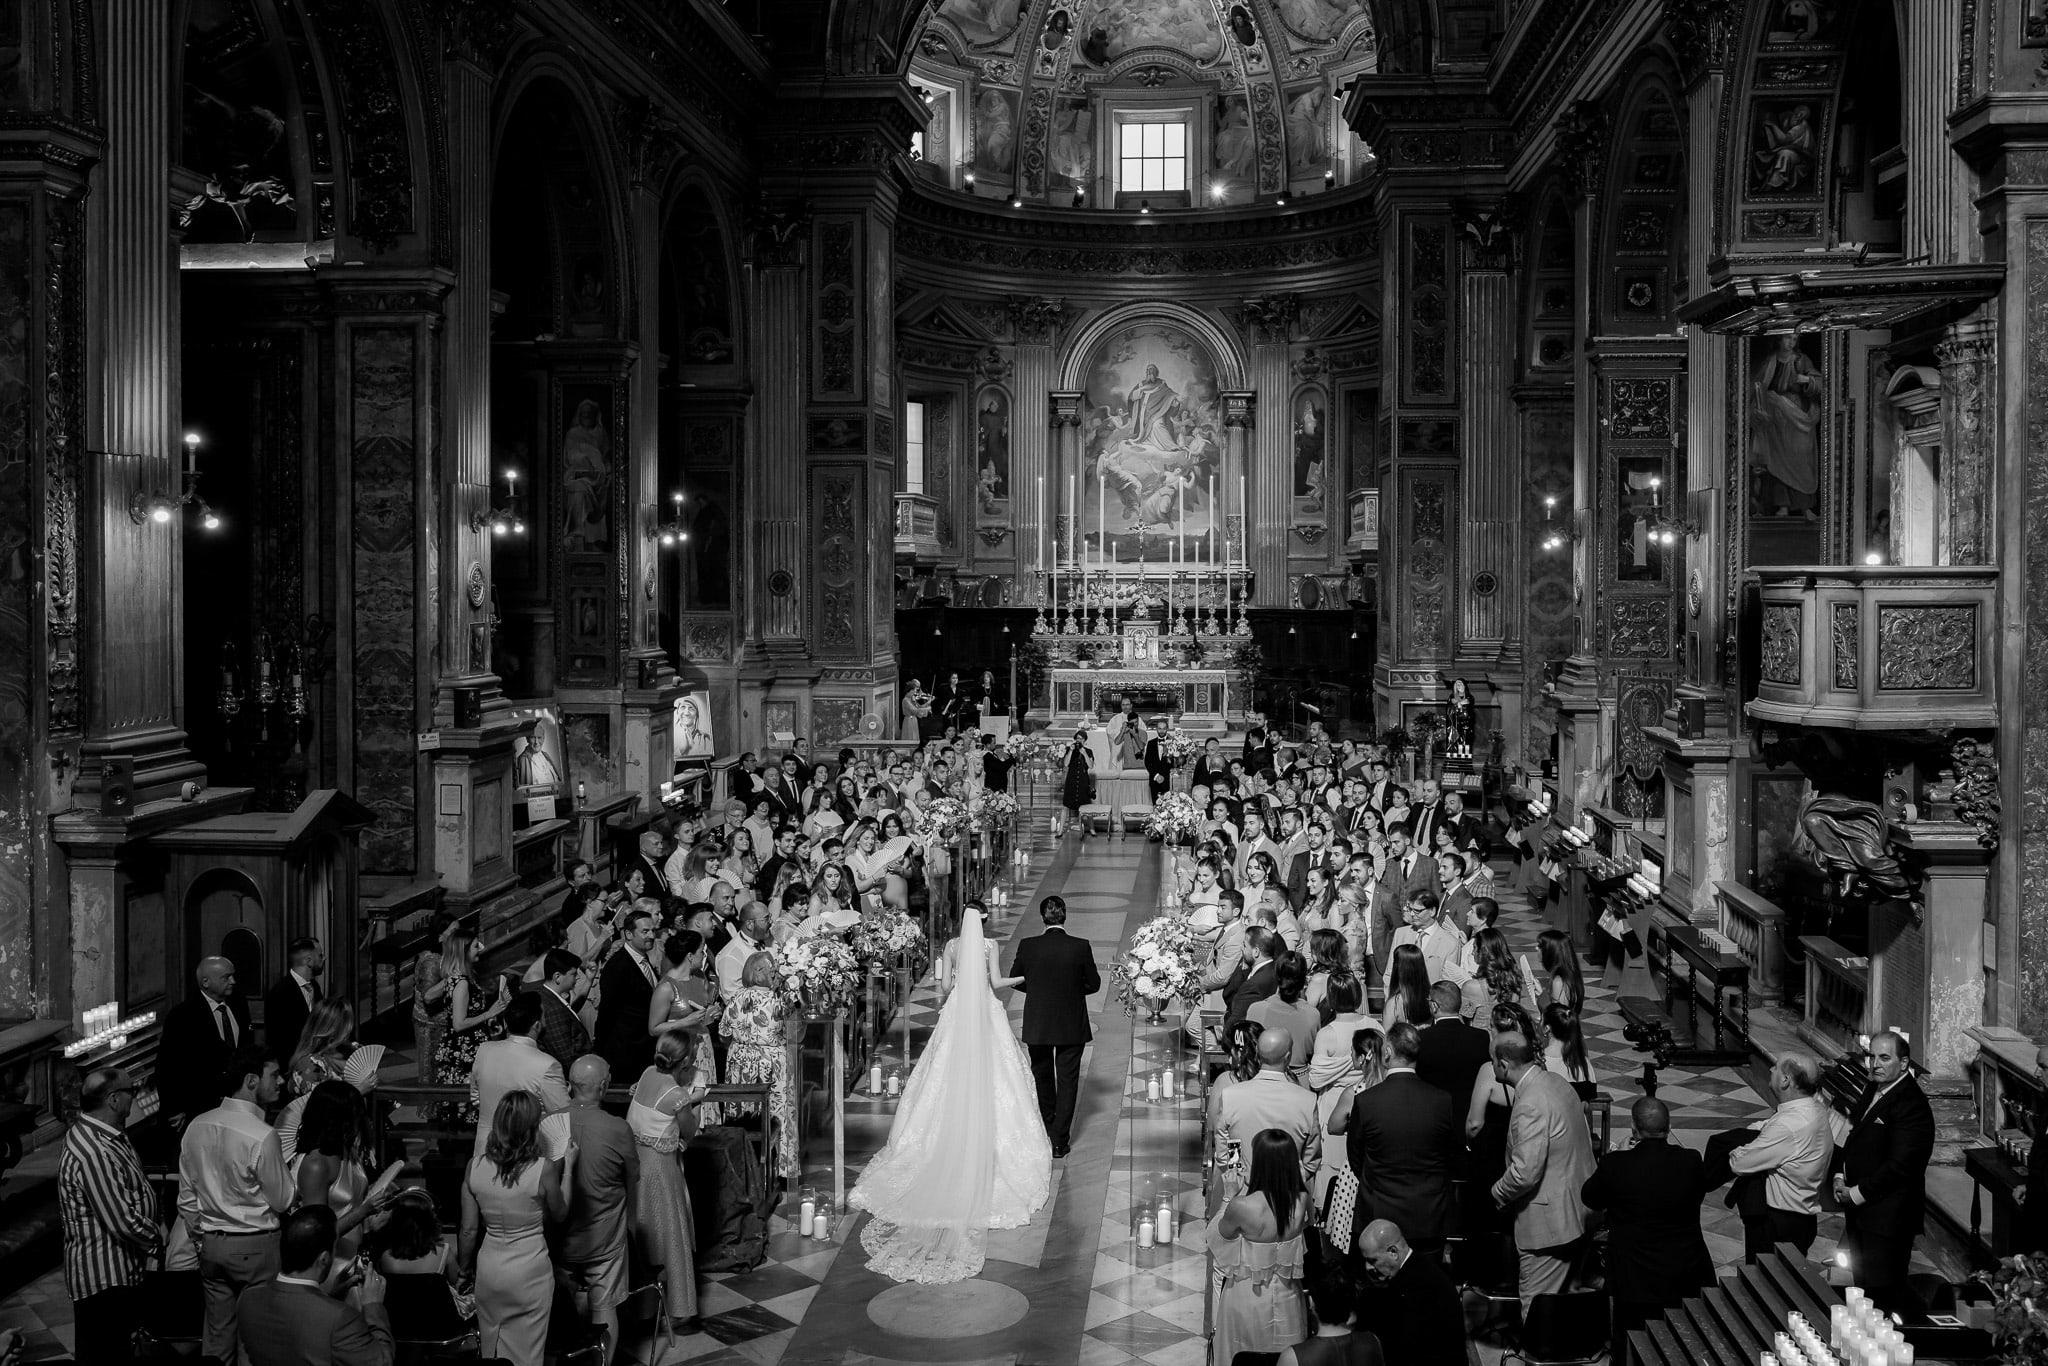 ingresso della sposa con il papˆ in chiesa in unÕimmagine colta dal fotografo matrimonio roma